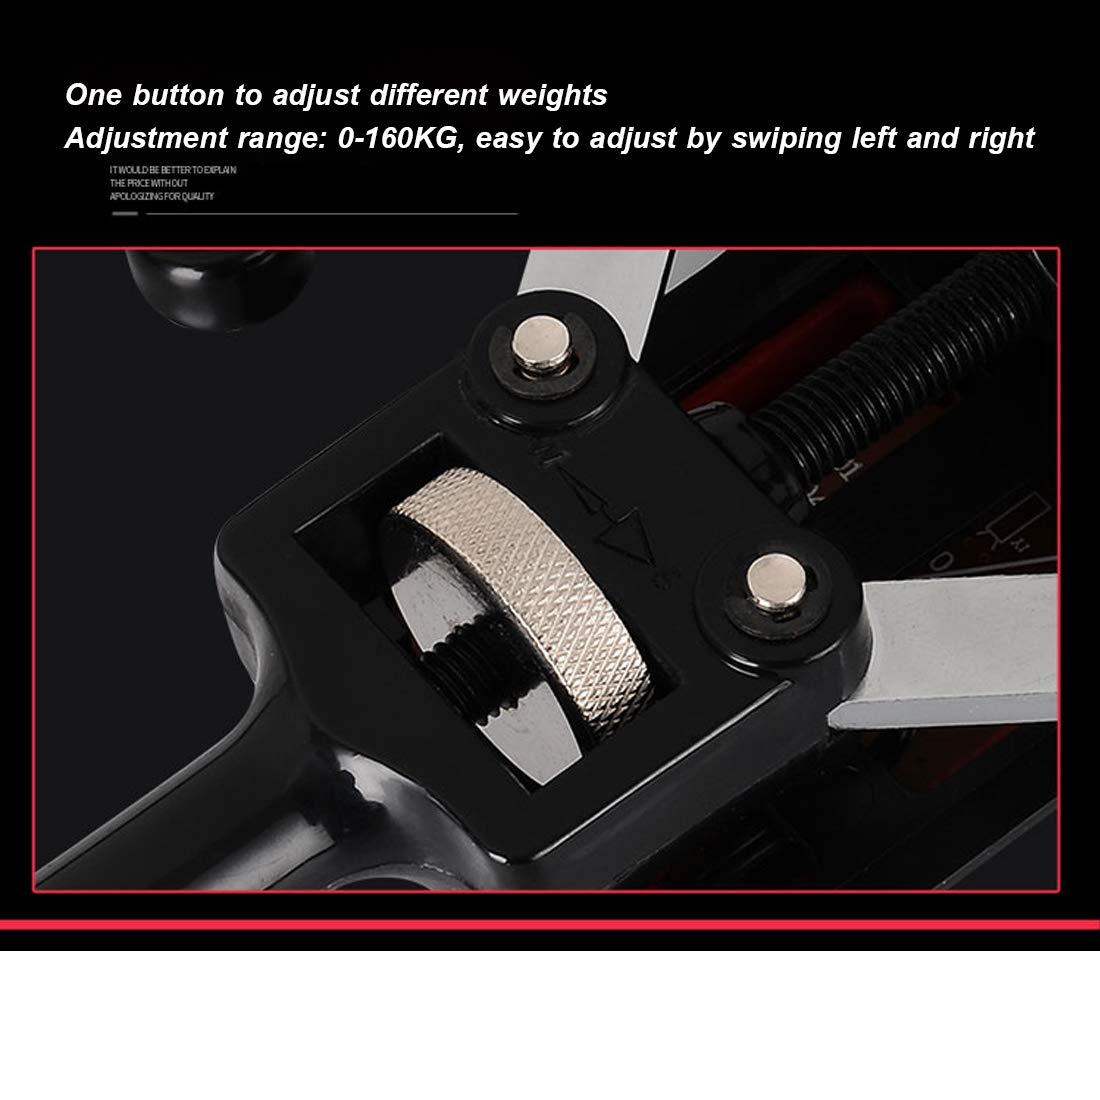 Chest Expander Muscle Exerciser Adjustable Brazo de Entrenamiento con Pesas Power Twister Bar Equipo de Ejercicios para el hogar m/úsculos del Pecho de Entrenamiento,10KG-160KG Ajustable con Monitor